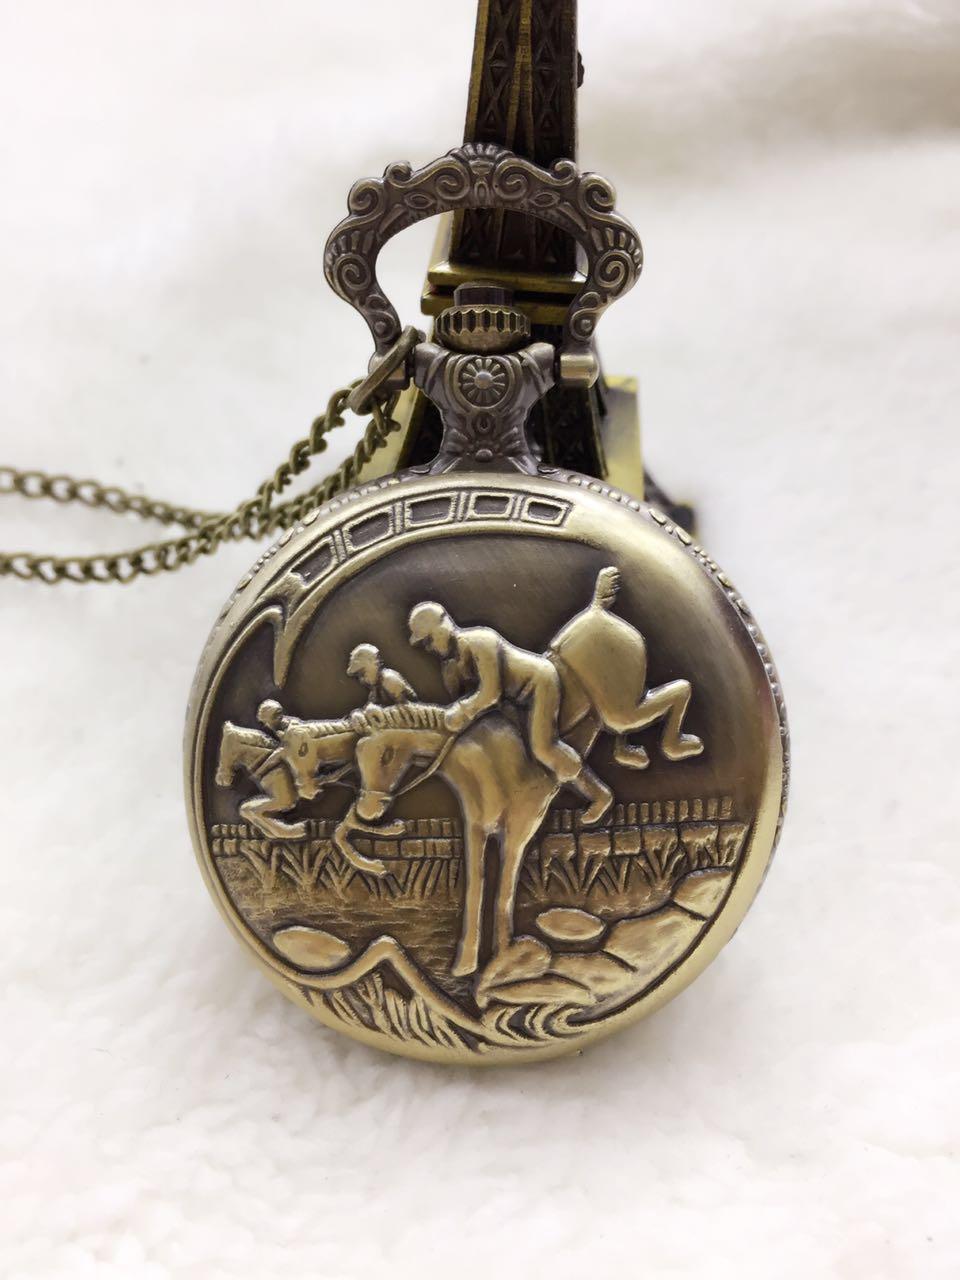 Vantique Bonze Horse Quartz Pocket Watches